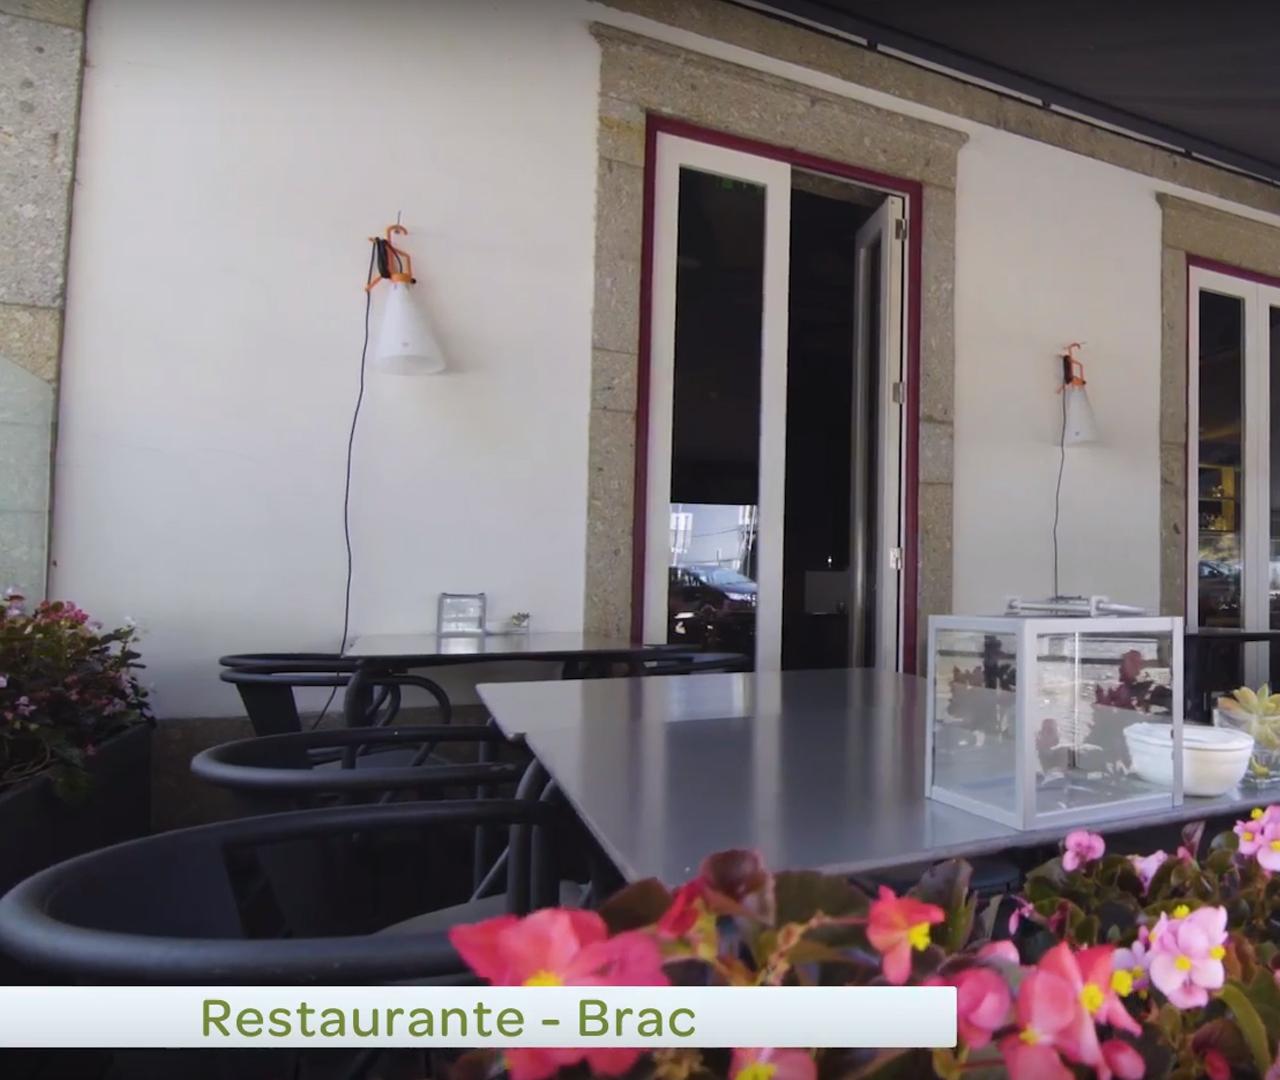 Brac em Braga